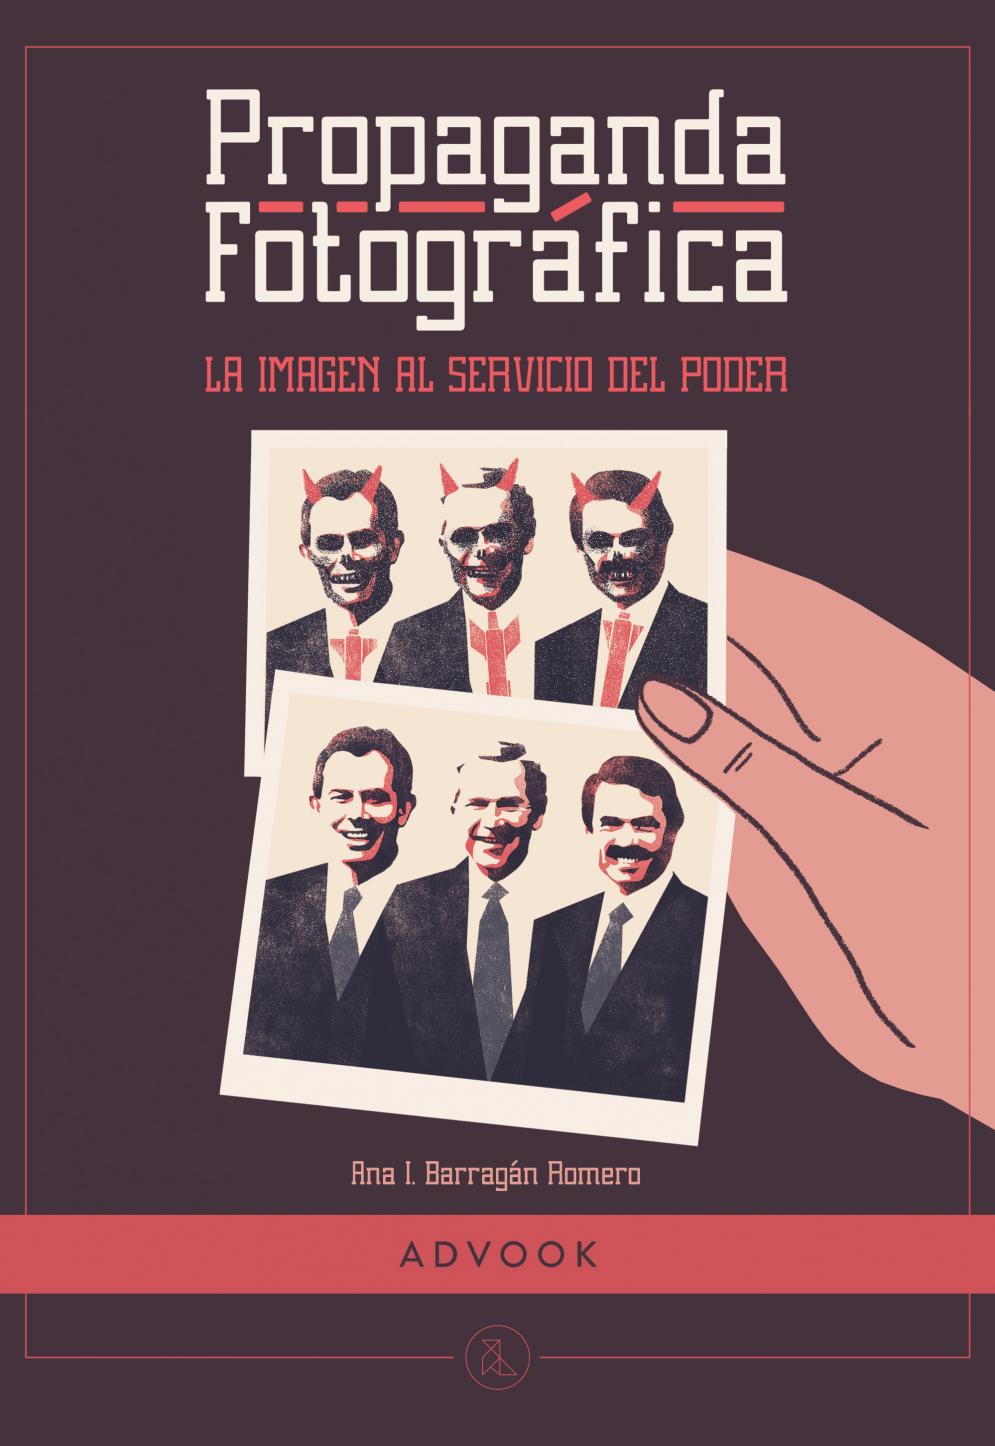 Portada del libro Propaganda fotográfica. La imagen al servicio del poder